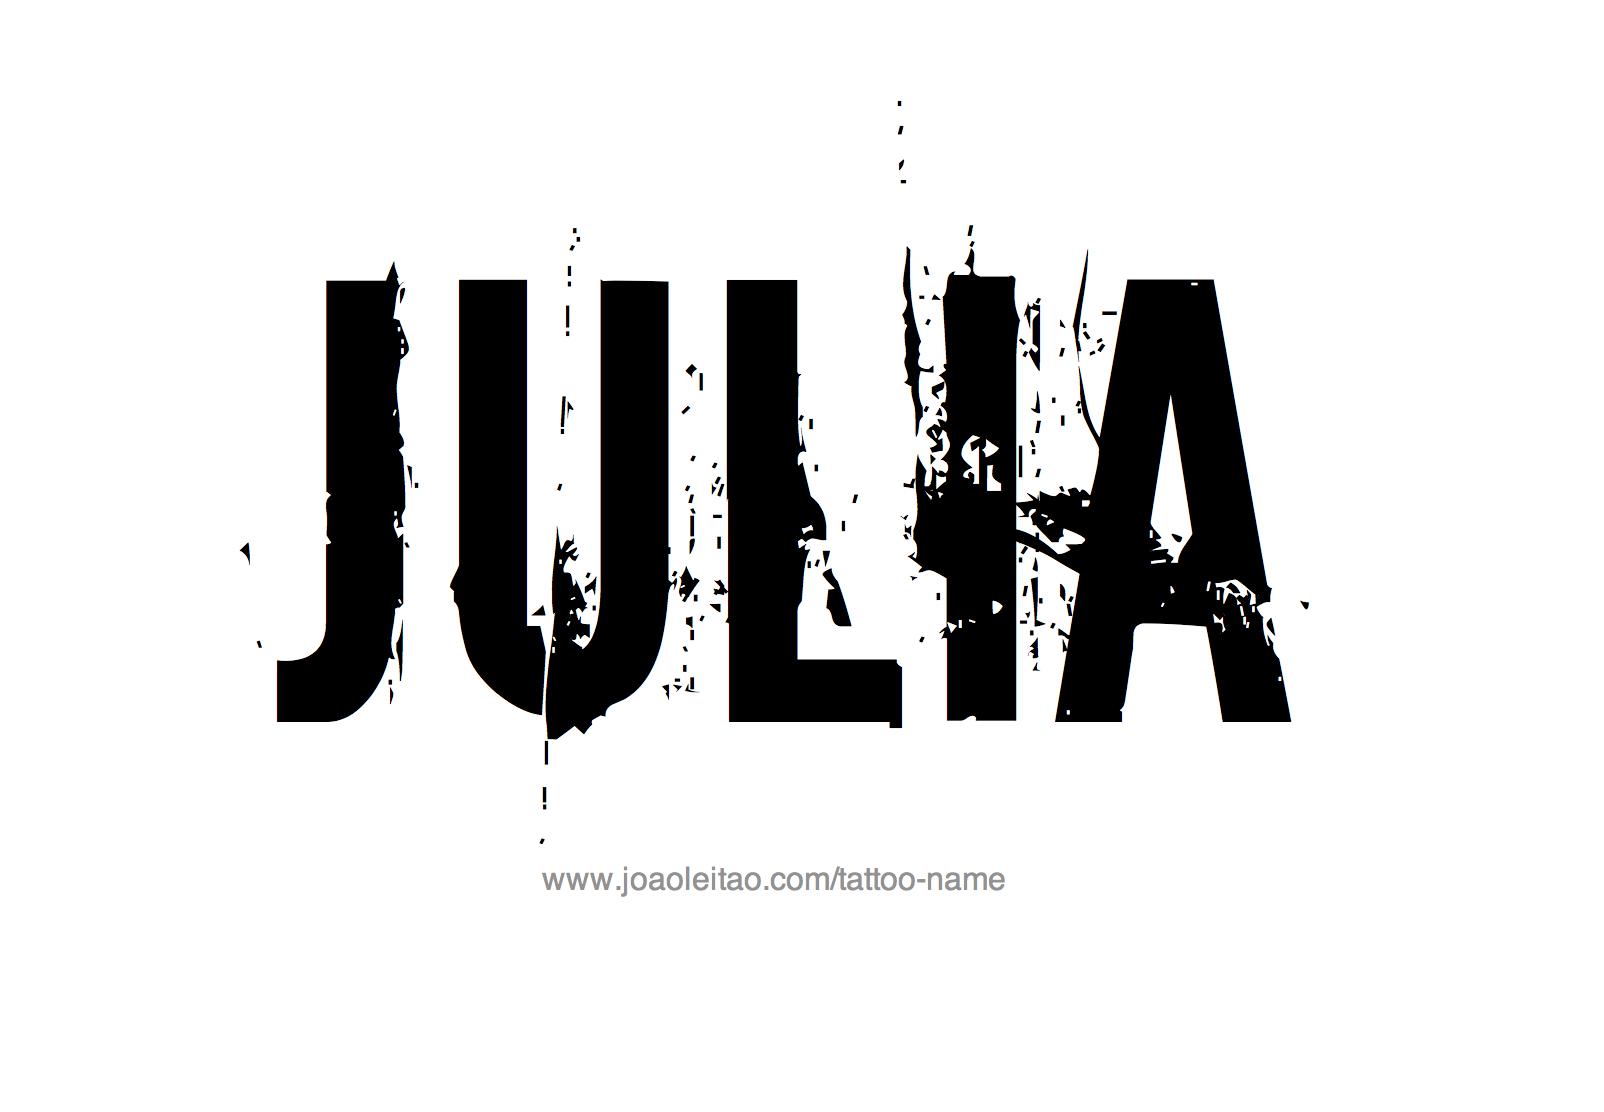 Julia Name Tattoo Designs Name Tattoos Name Tattoo Designs Name Tattoo Placements